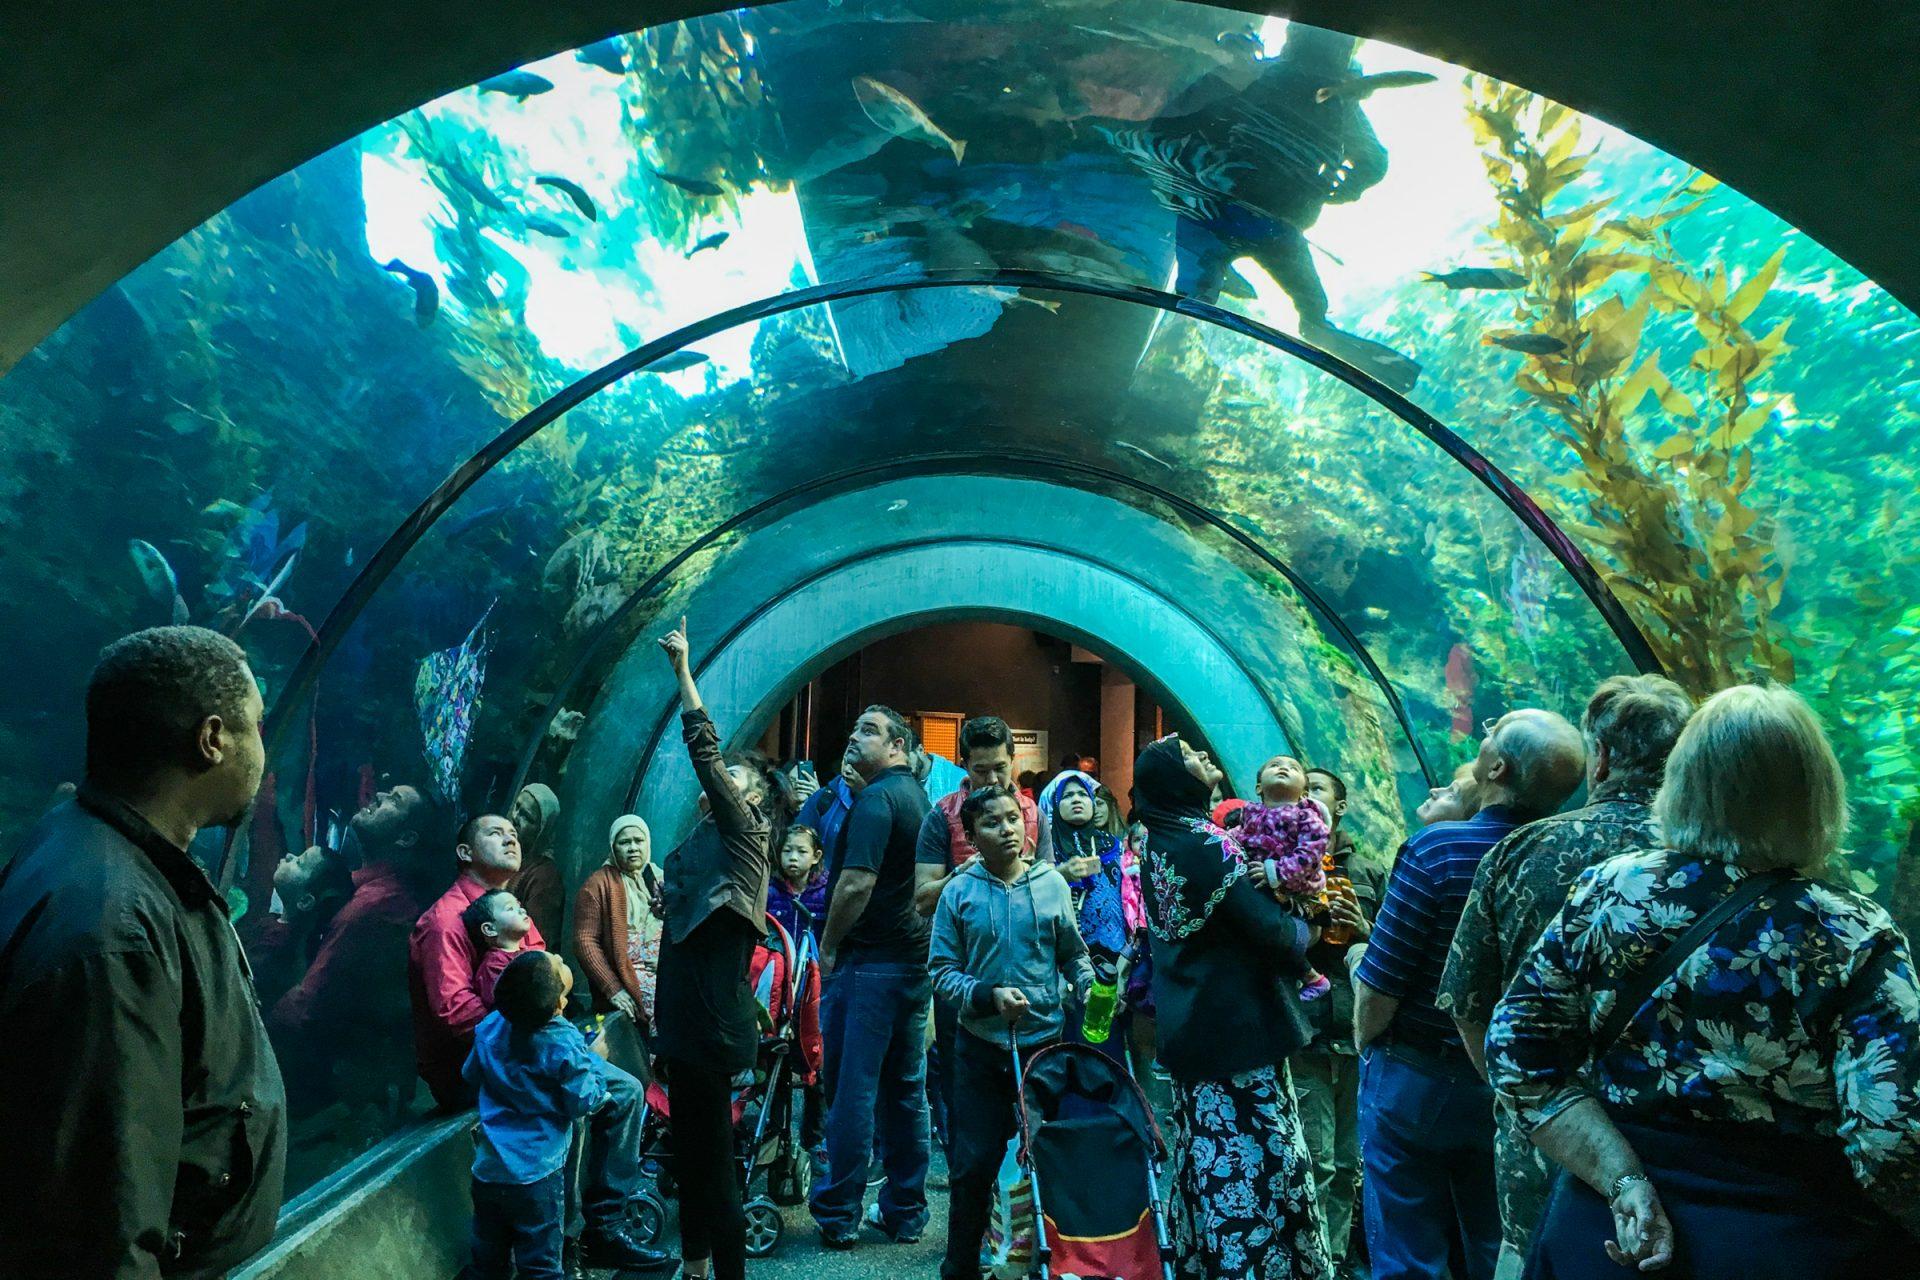 People in Aquarium Tunnel